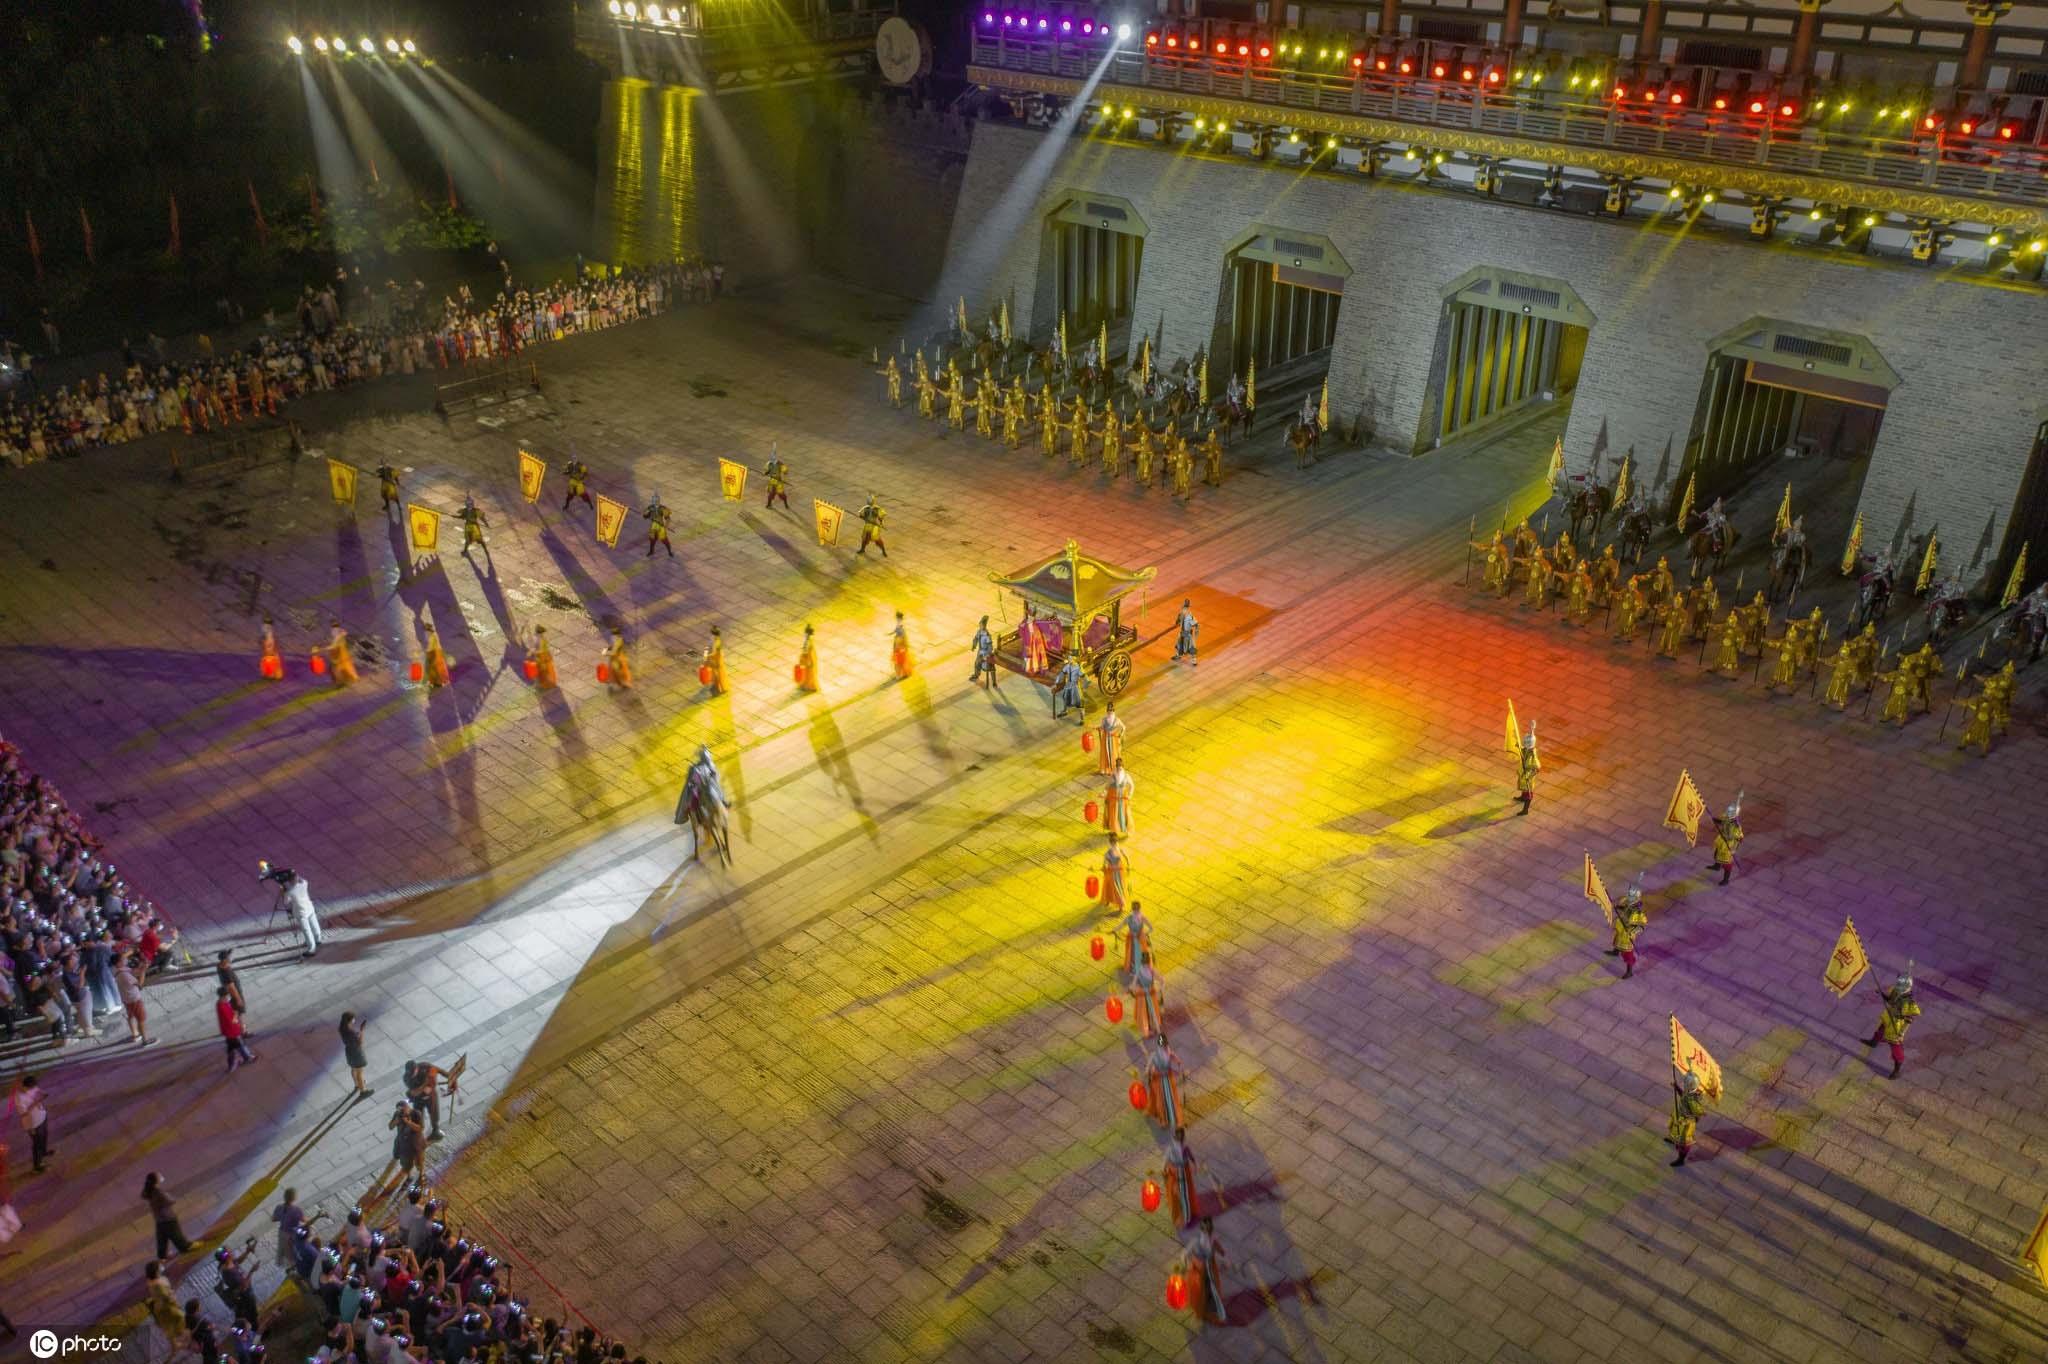 湖北襄阳景区进入免费模式璀璨夜景引游人